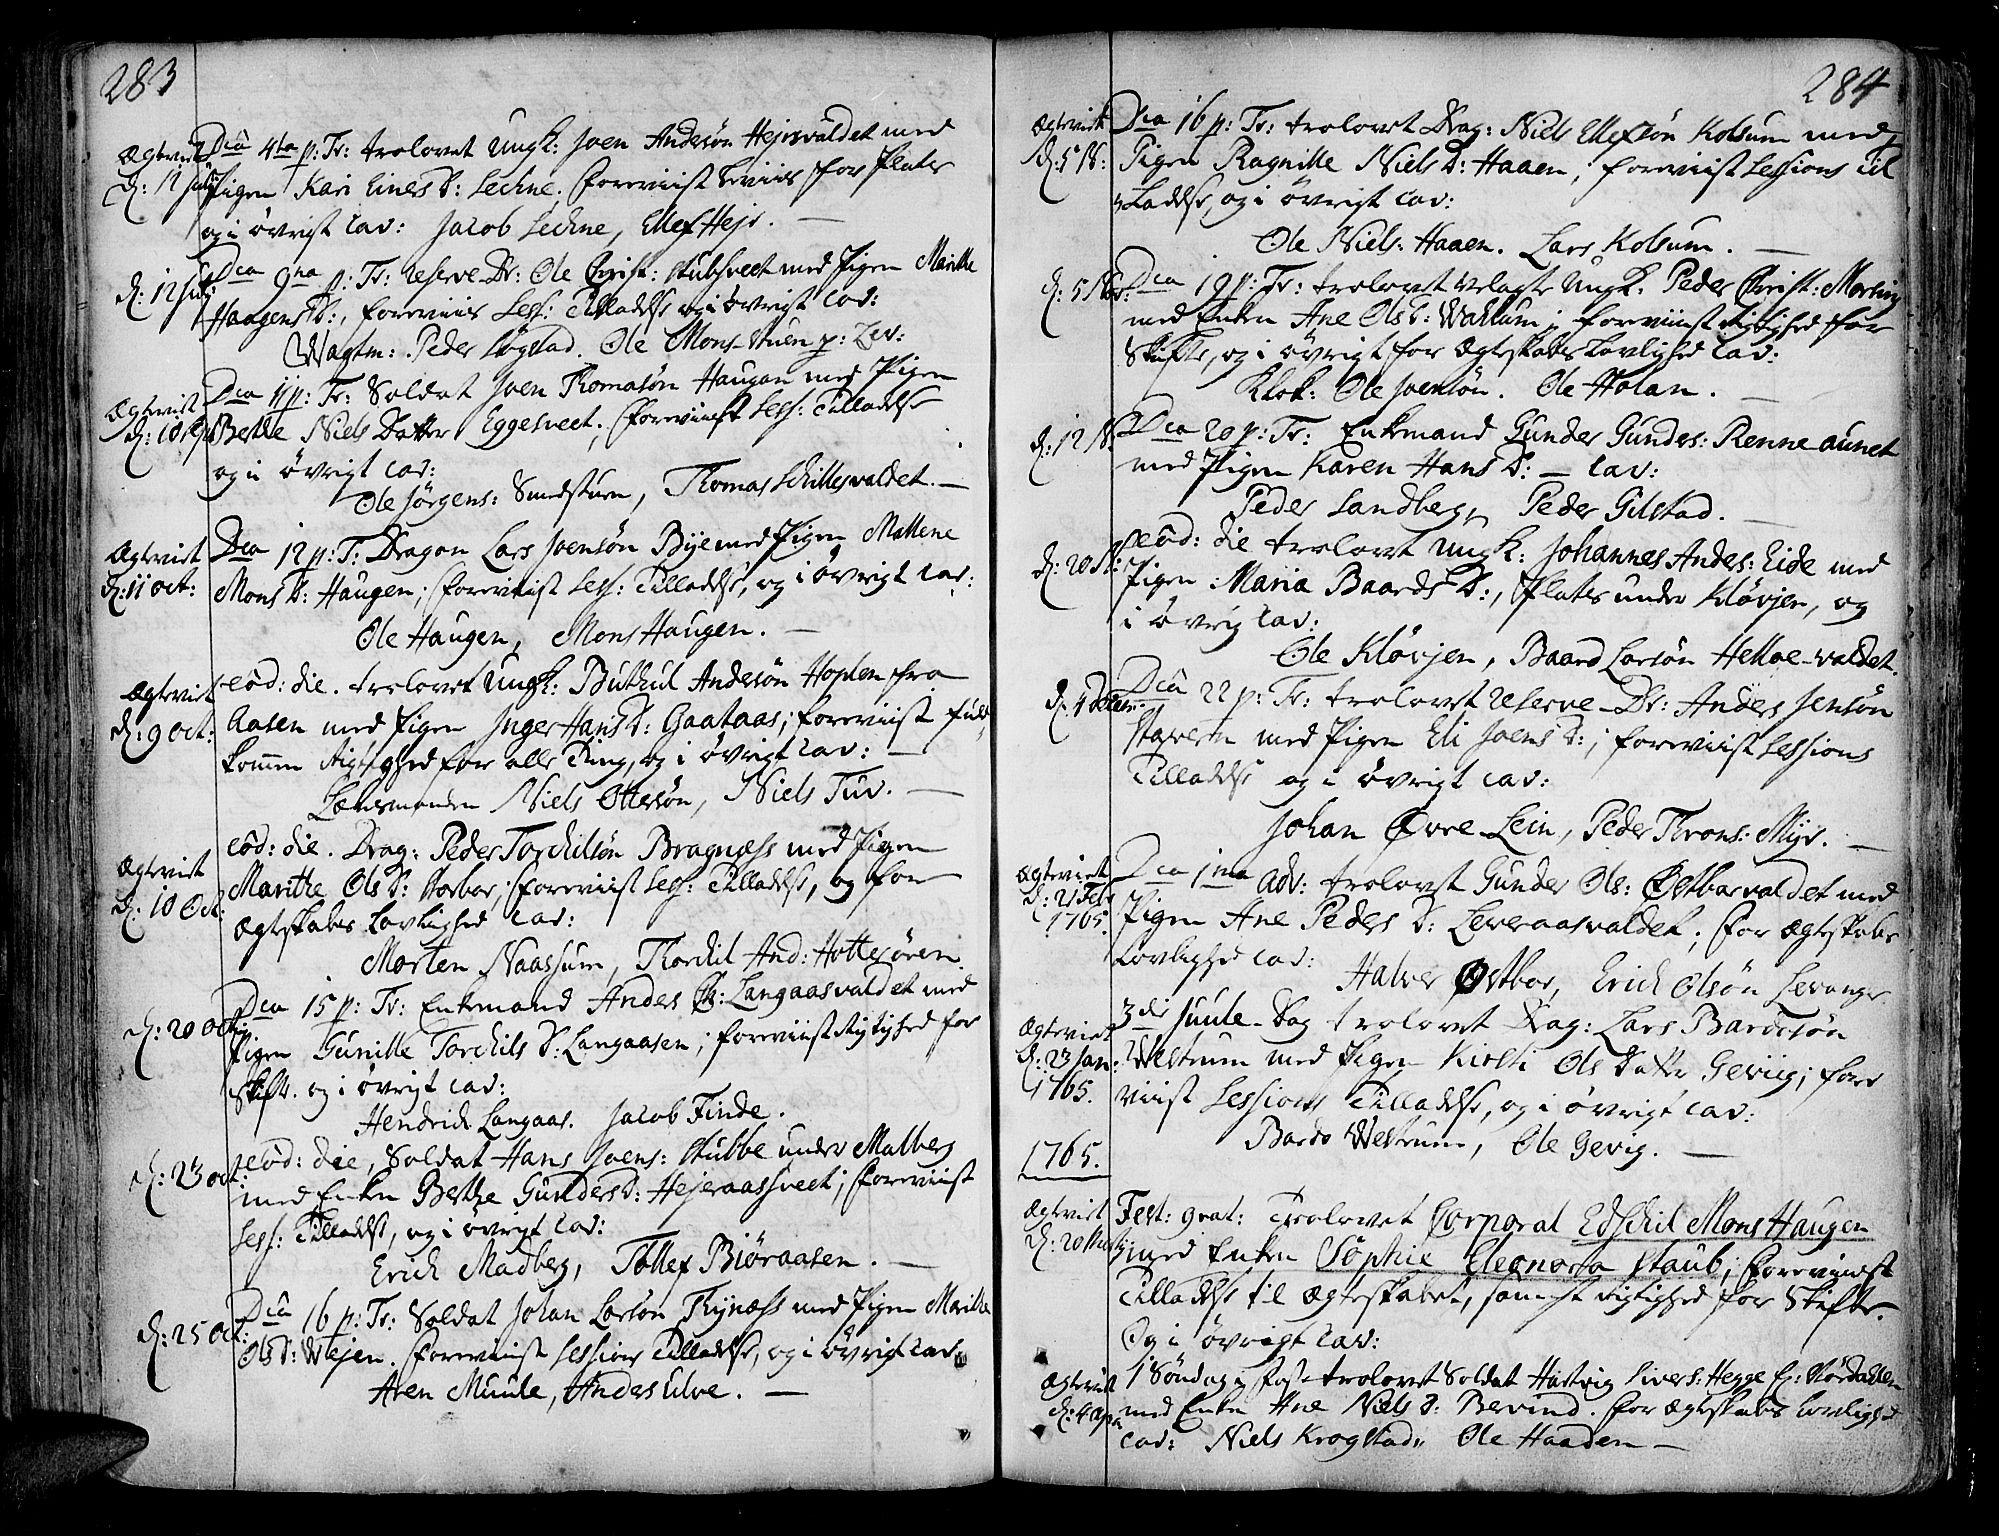 SAT, Ministerialprotokoller, klokkerbøker og fødselsregistre - Nord-Trøndelag, 717/L0141: Ministerialbok nr. 717A01, 1747-1803, s. 283-284